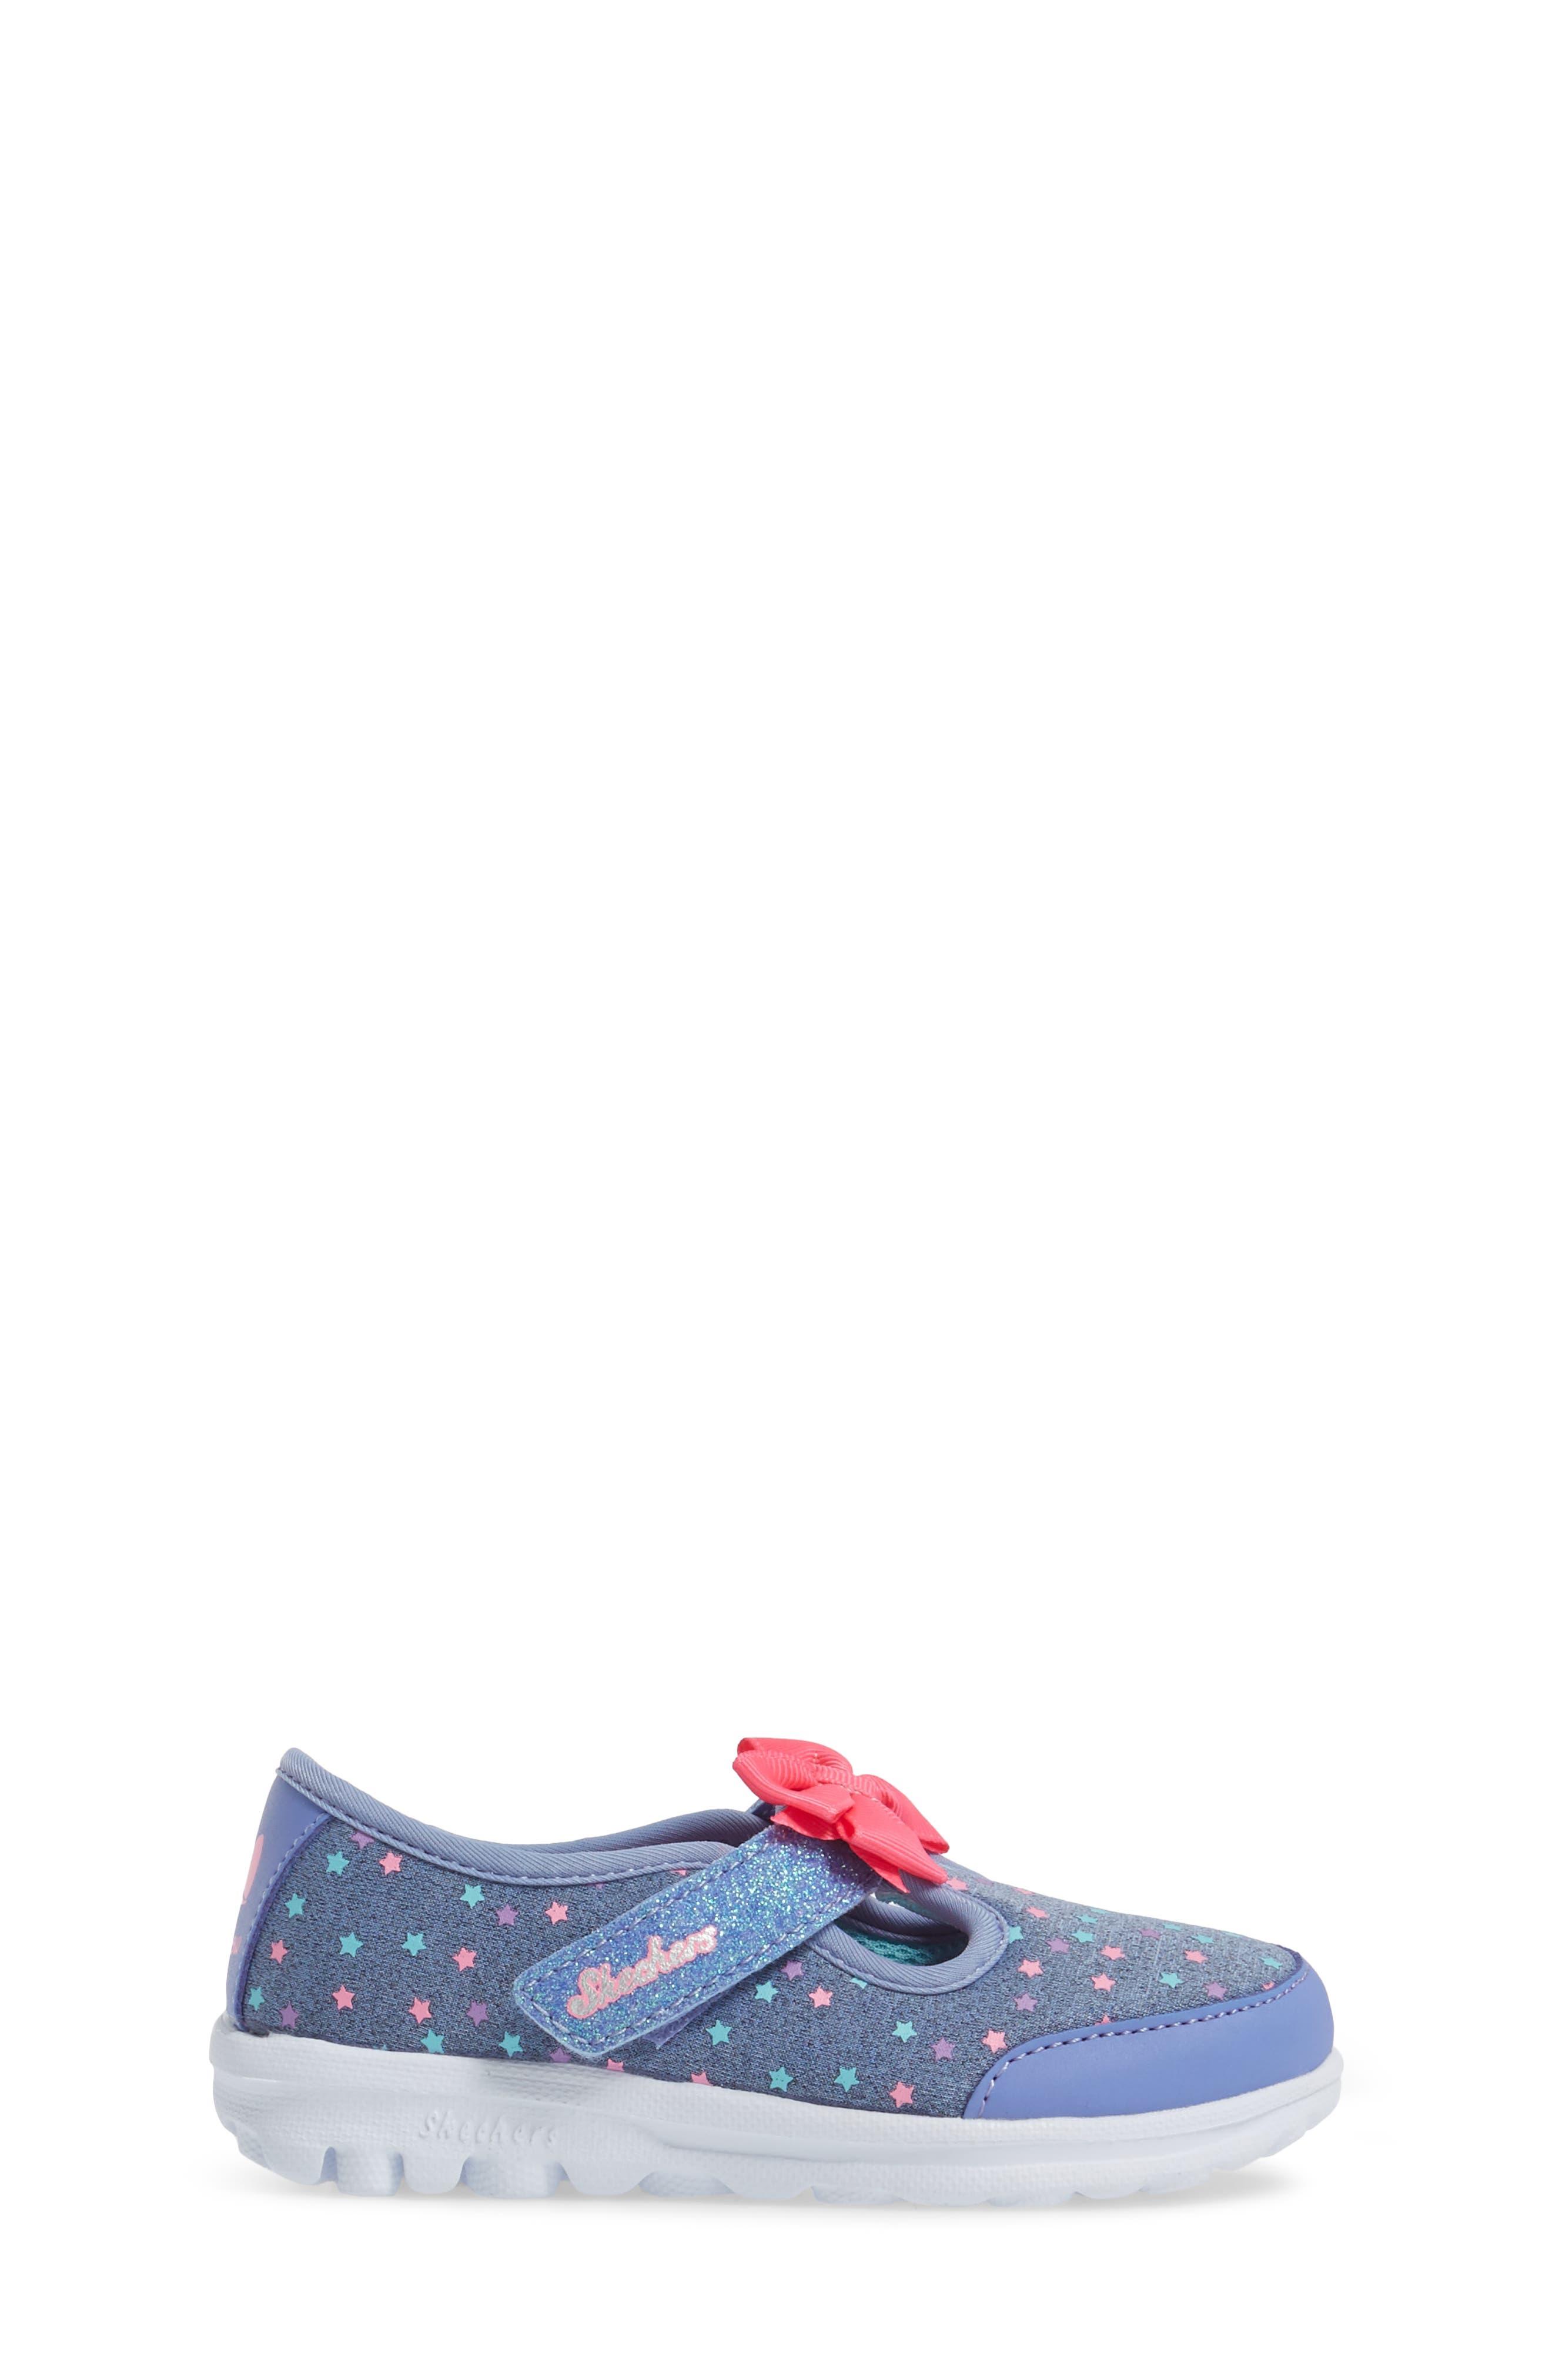 Alternate Image 3  - SKECHERS Go Walk Slip-On Sneaker (Baby, Walker, Toddler & Little Kid)